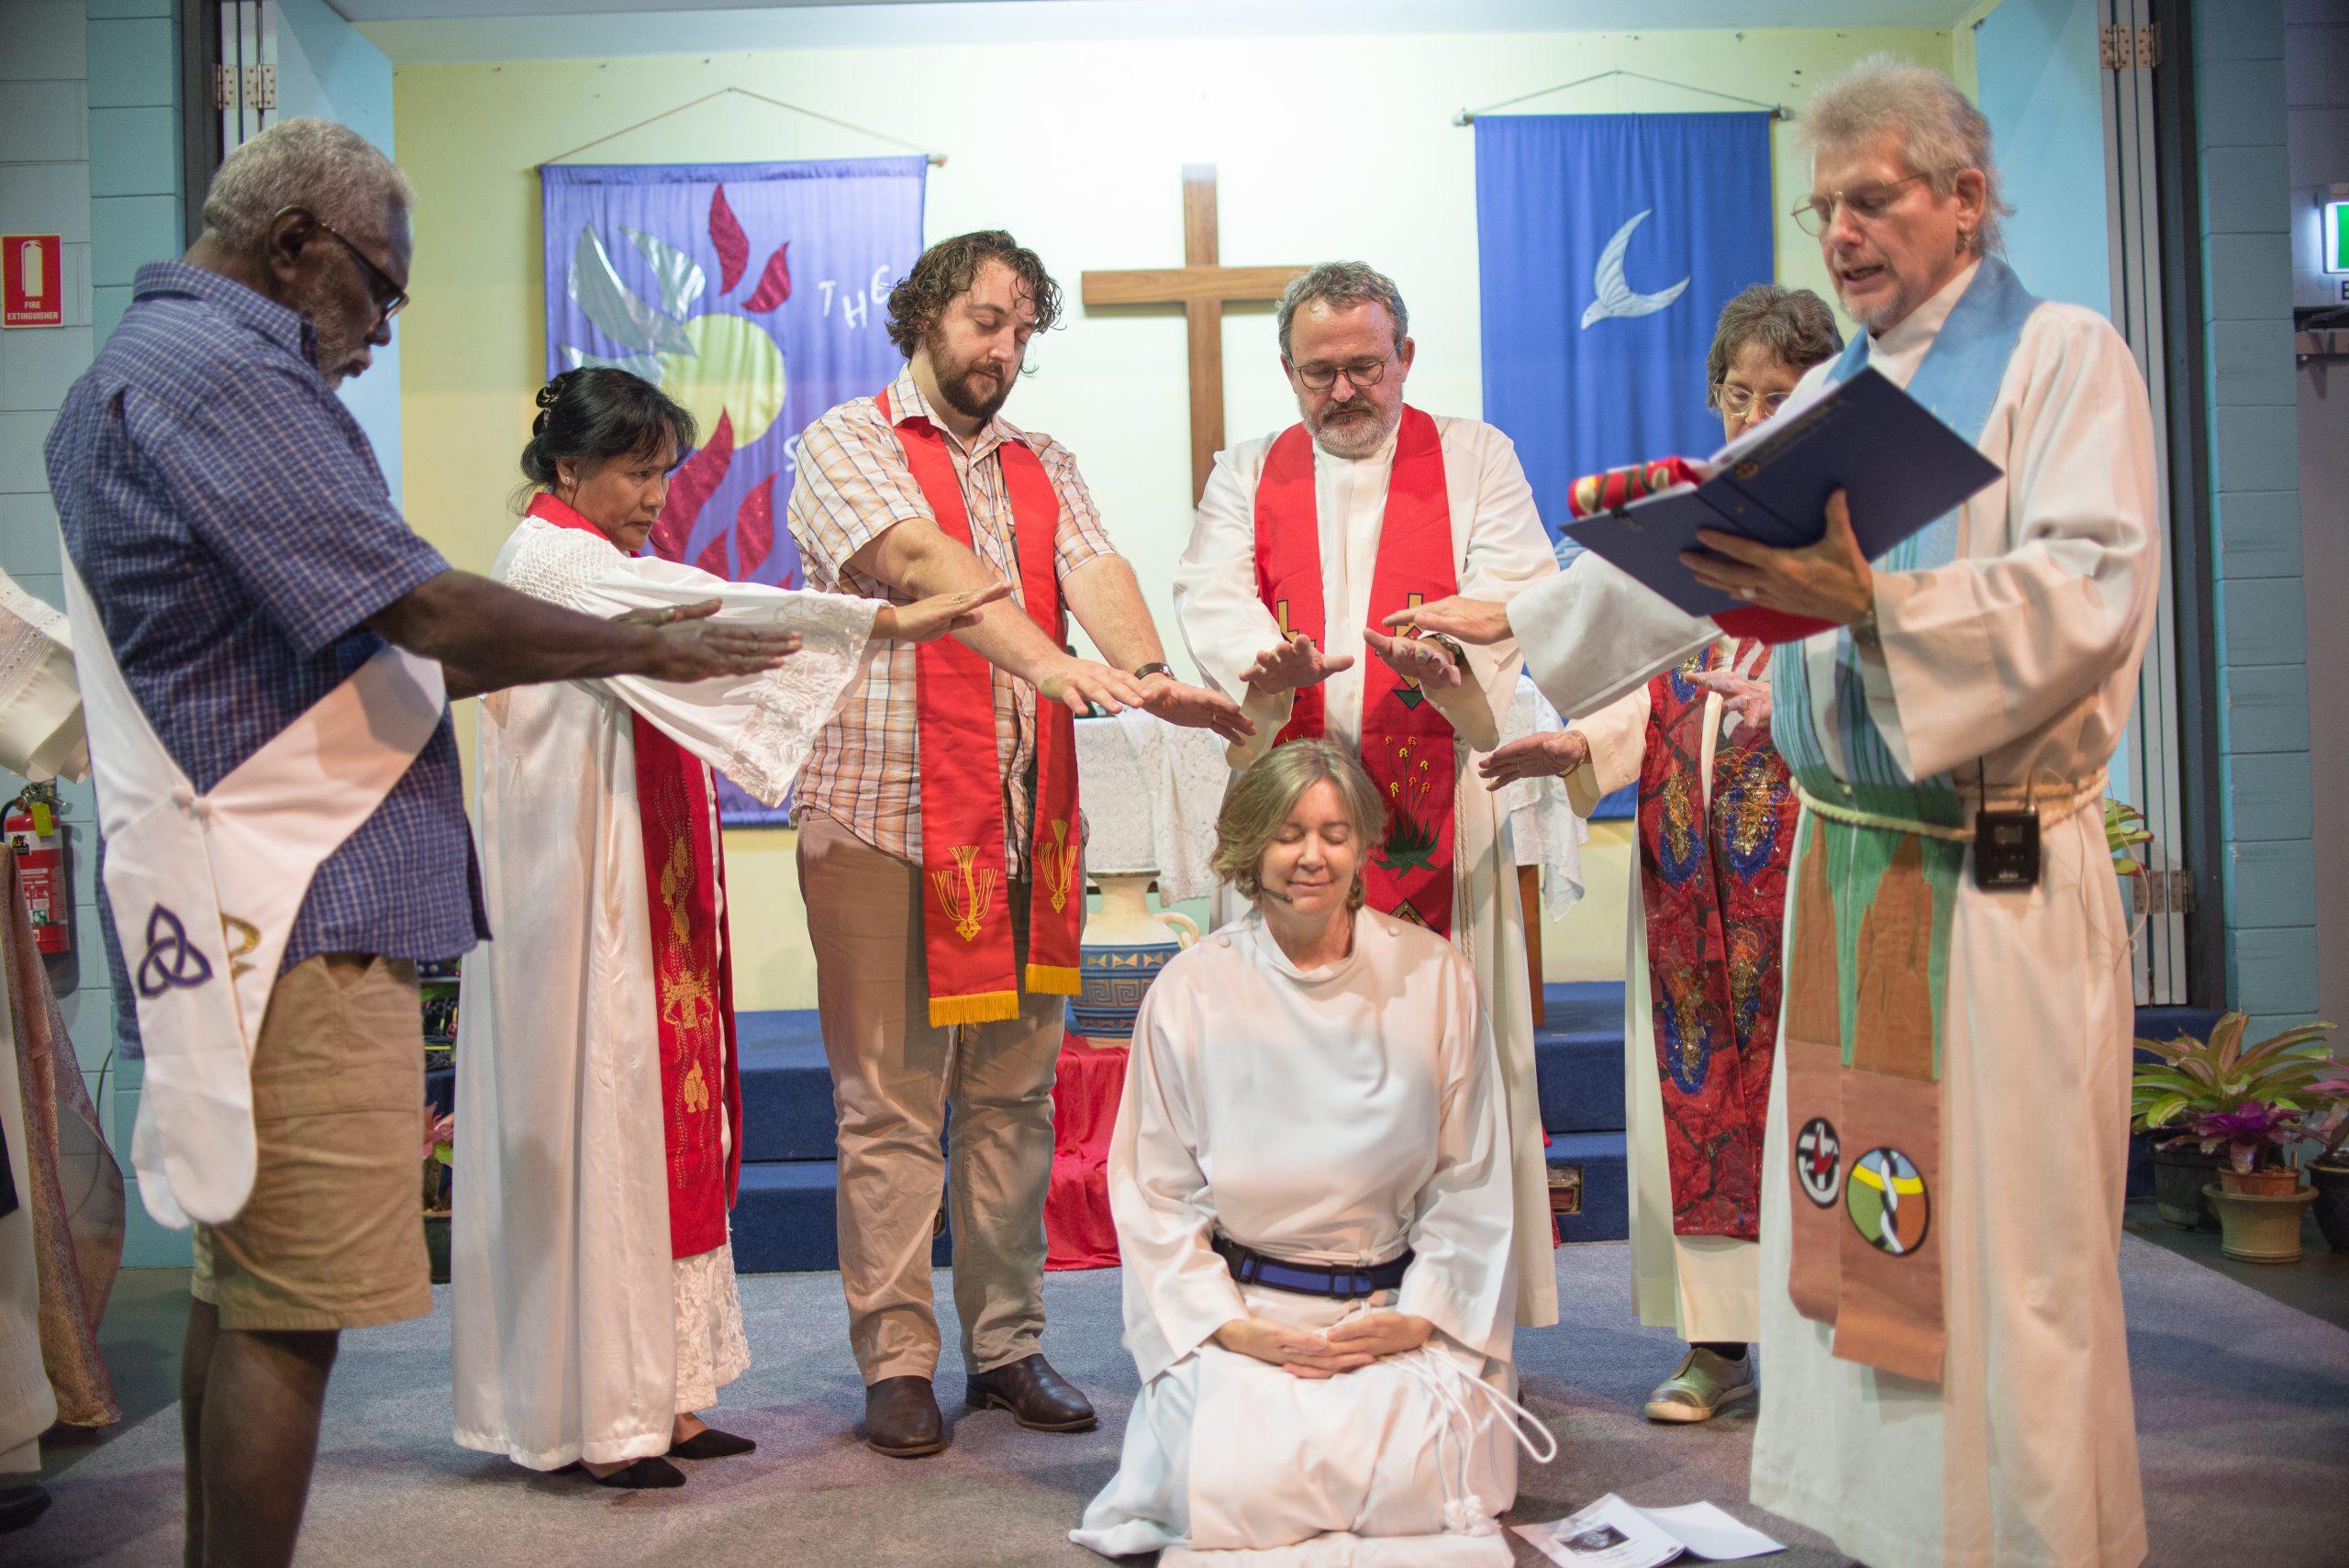 Rosalie-ordination-93-scaled